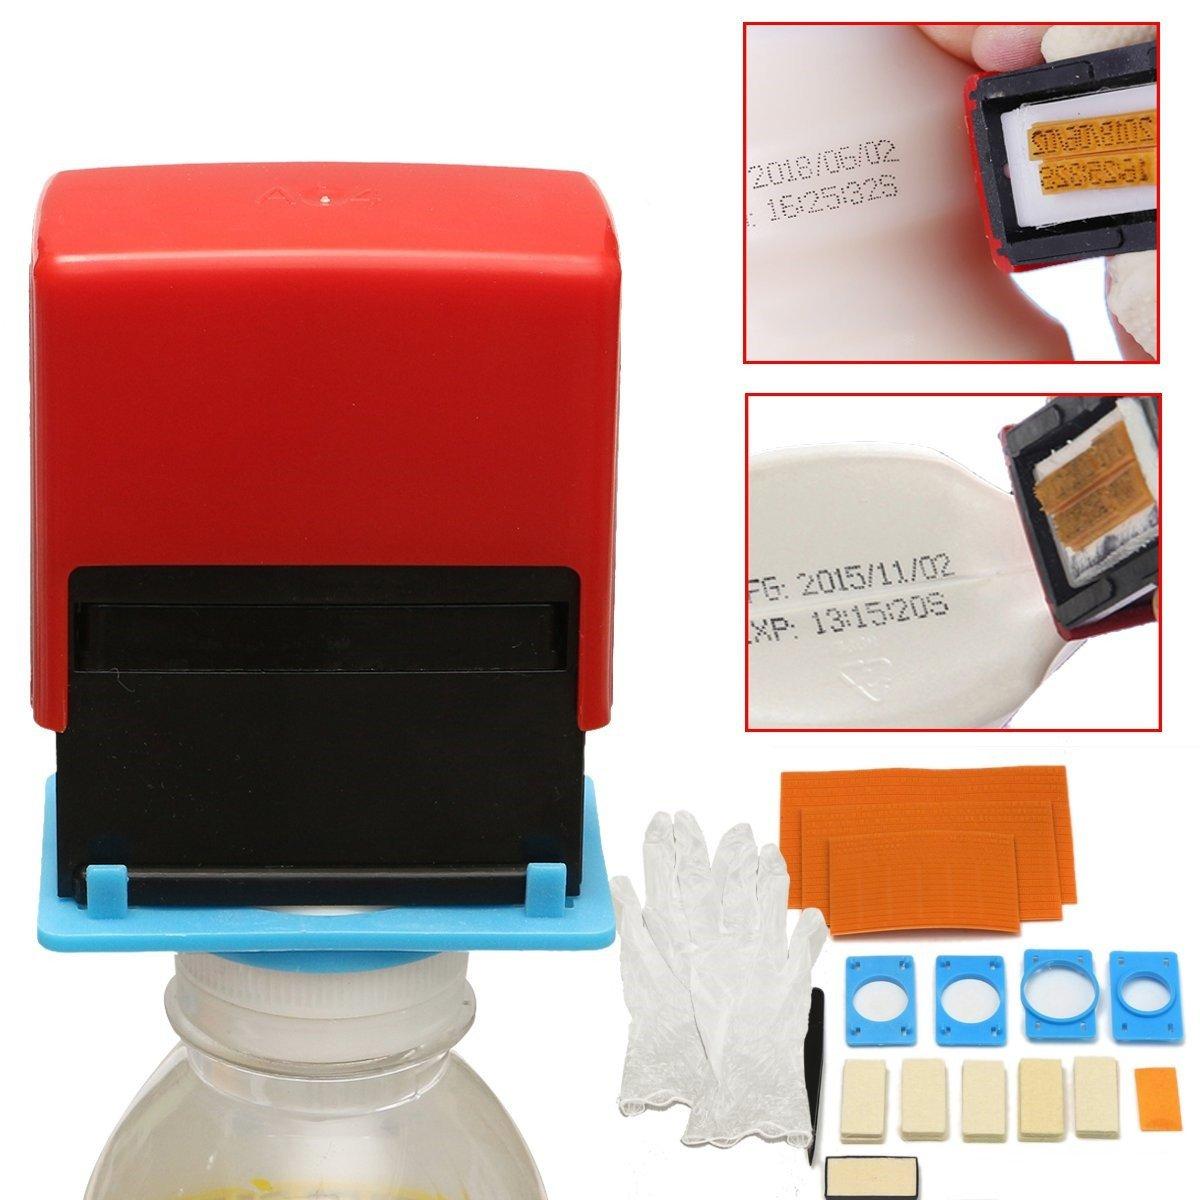 QOJA handheld printer code machine printing drawing machine printer